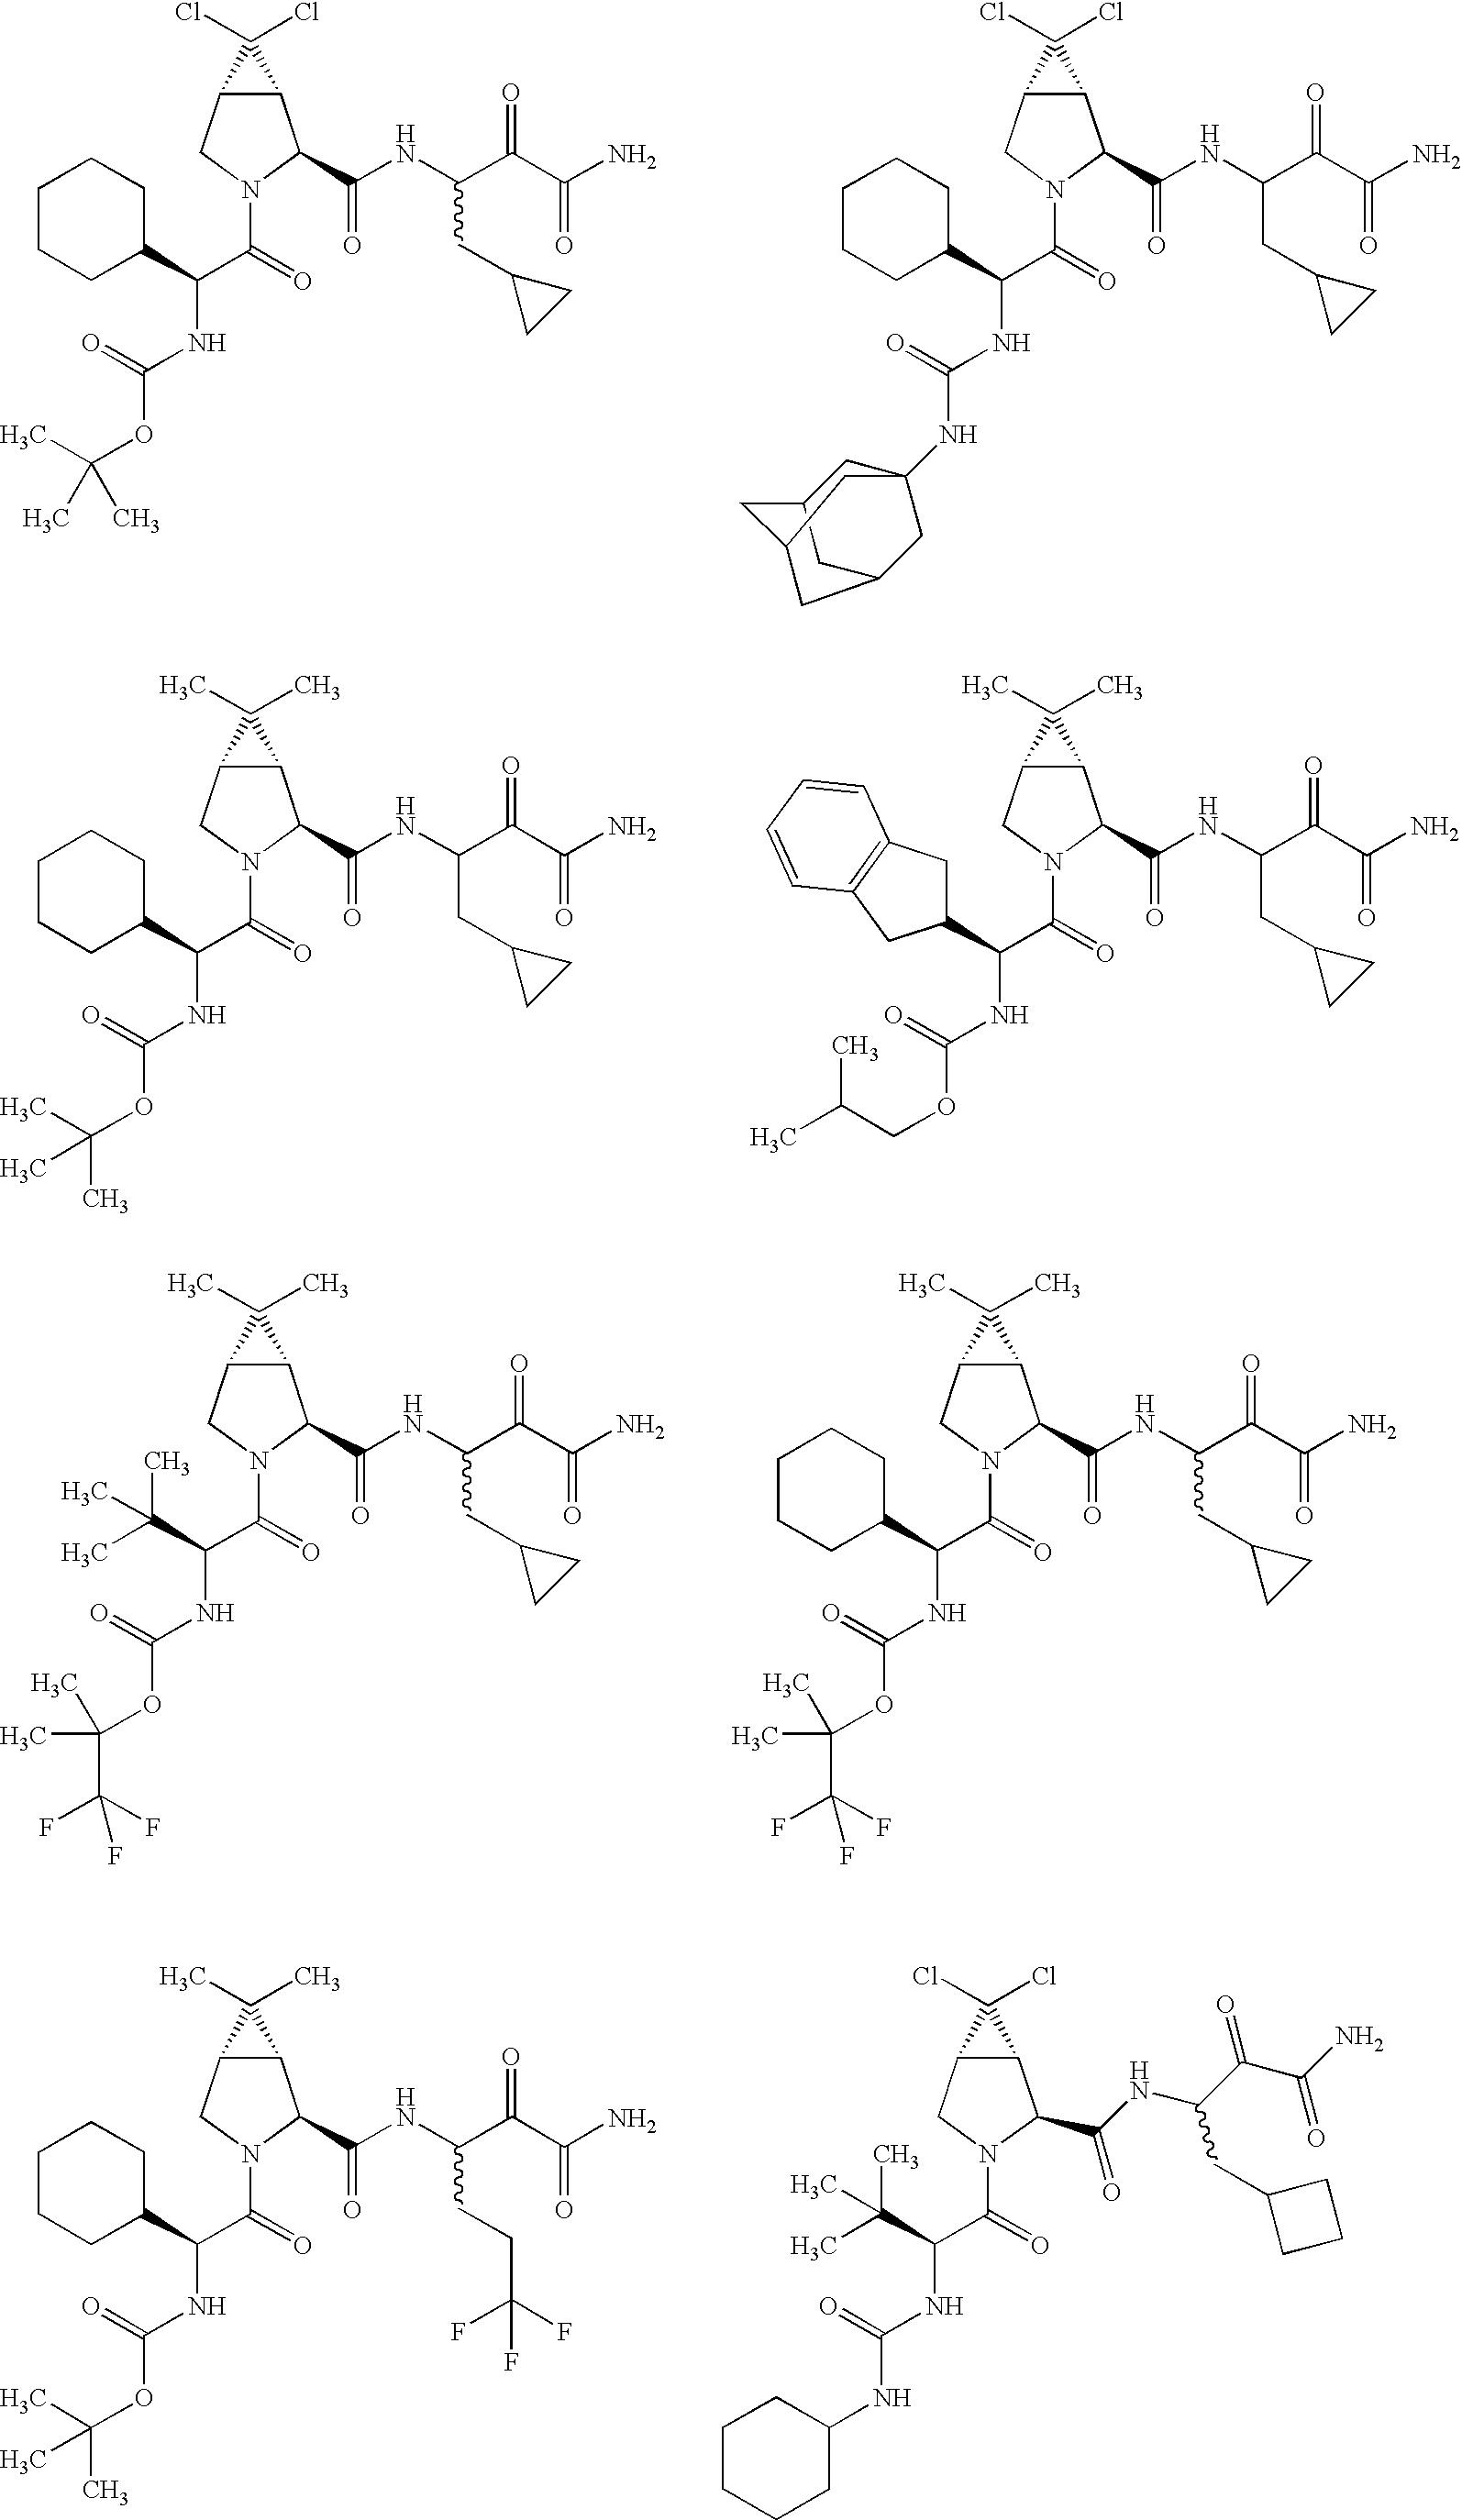 Figure US20060287248A1-20061221-C00120